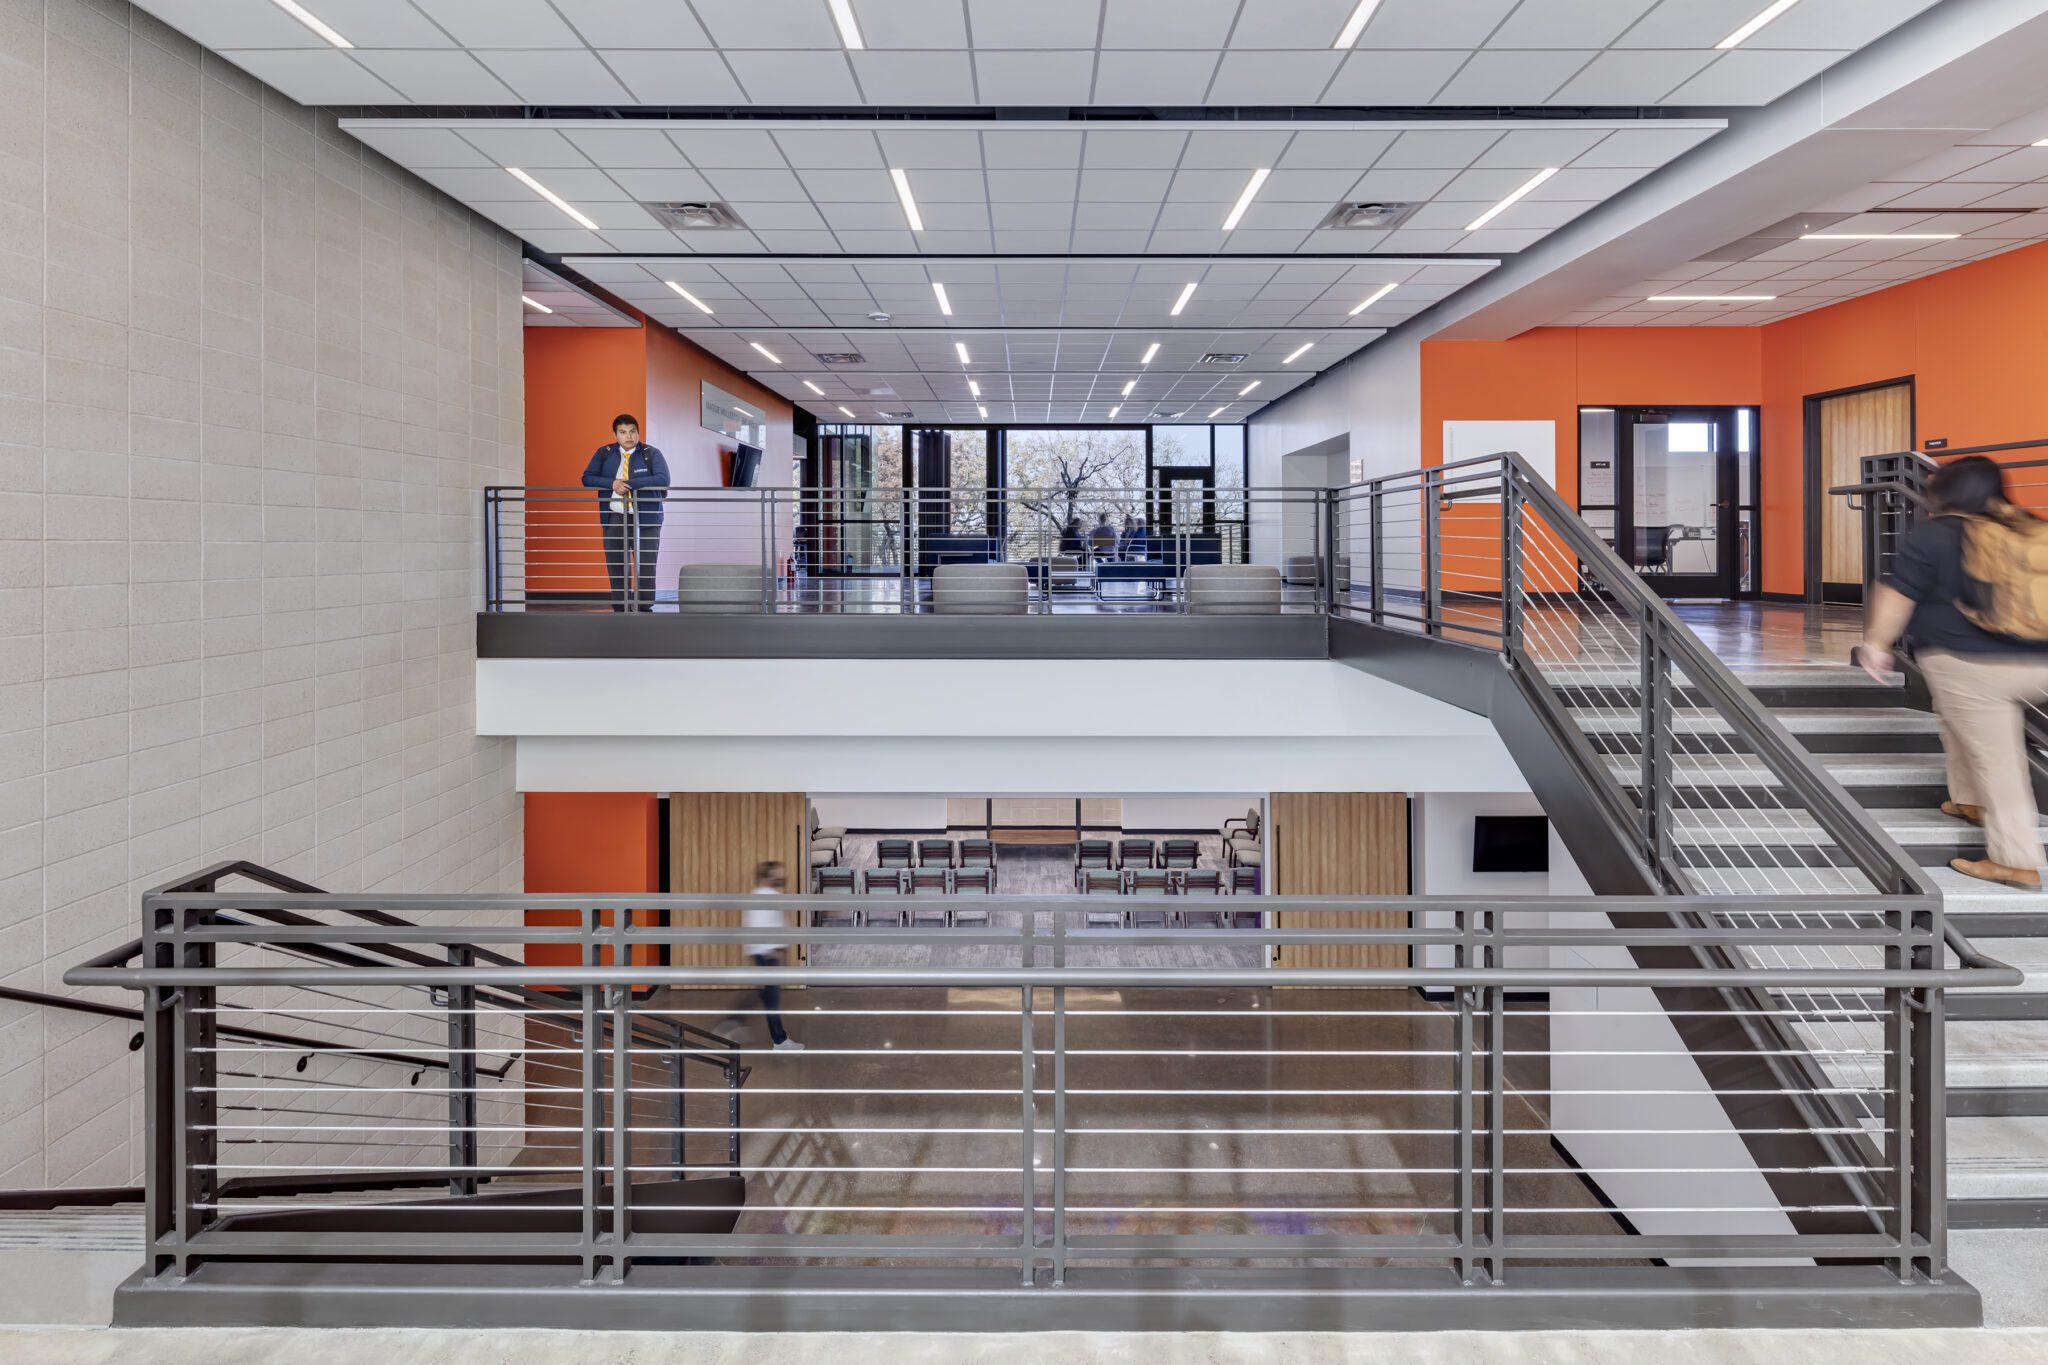 Cristo Rey Dallas Innovation Center, Stairwell